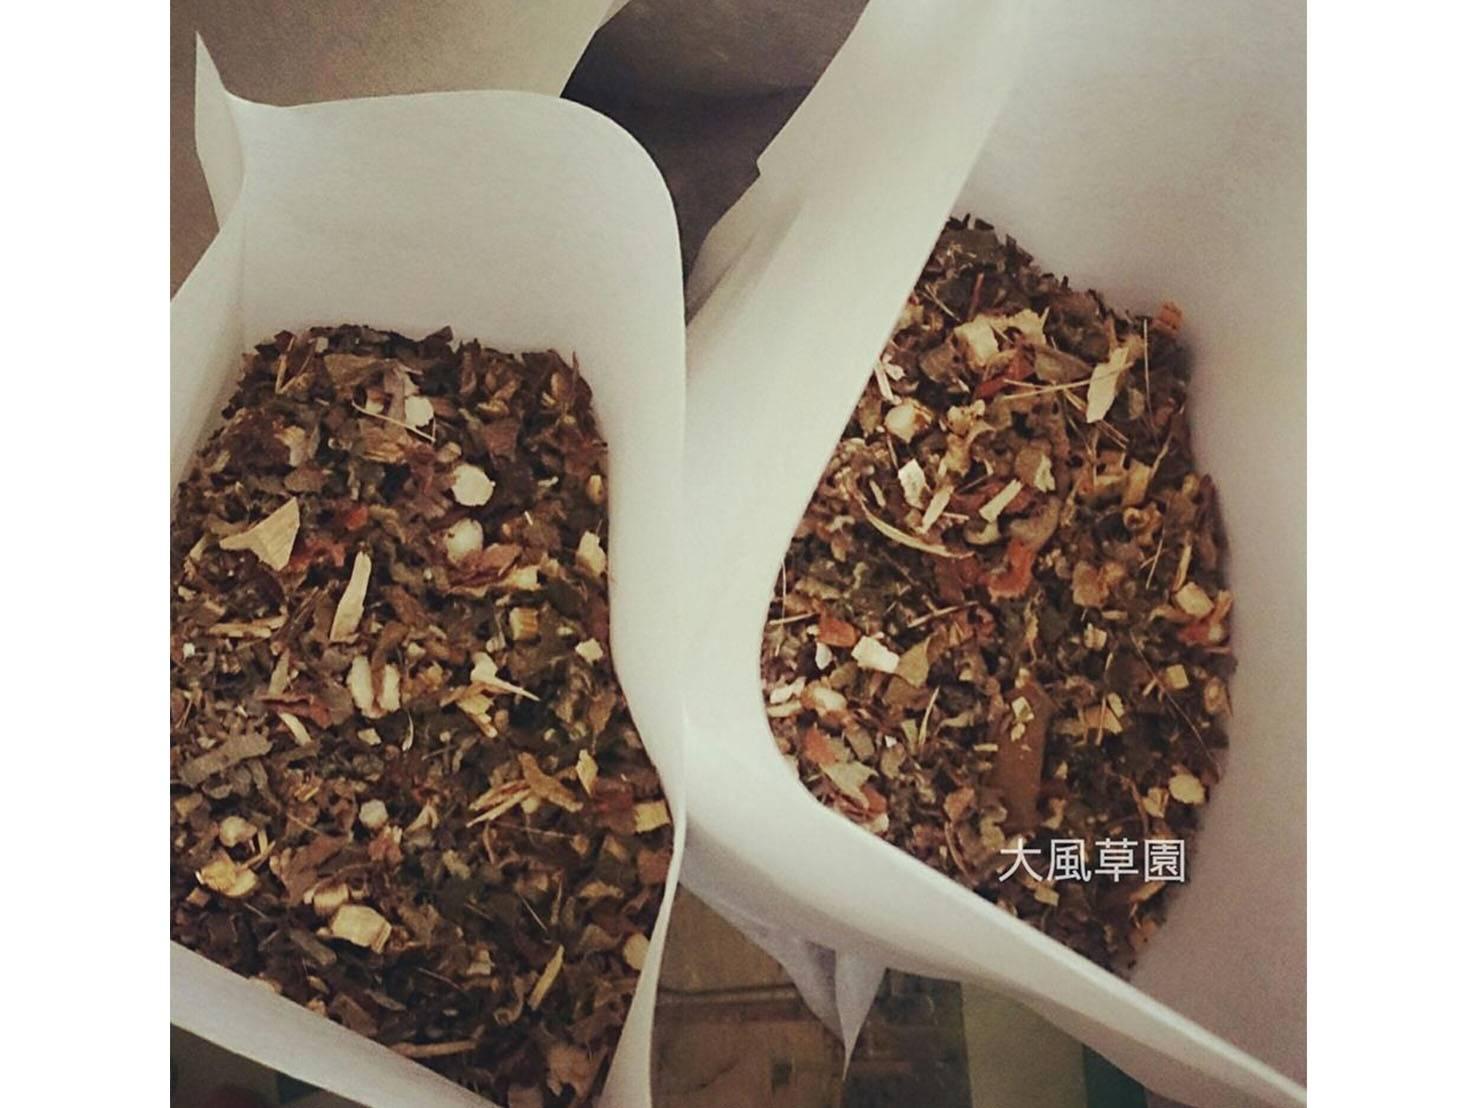 大風草園 大風草沐浴包 herbs002 - DOC柑仔店